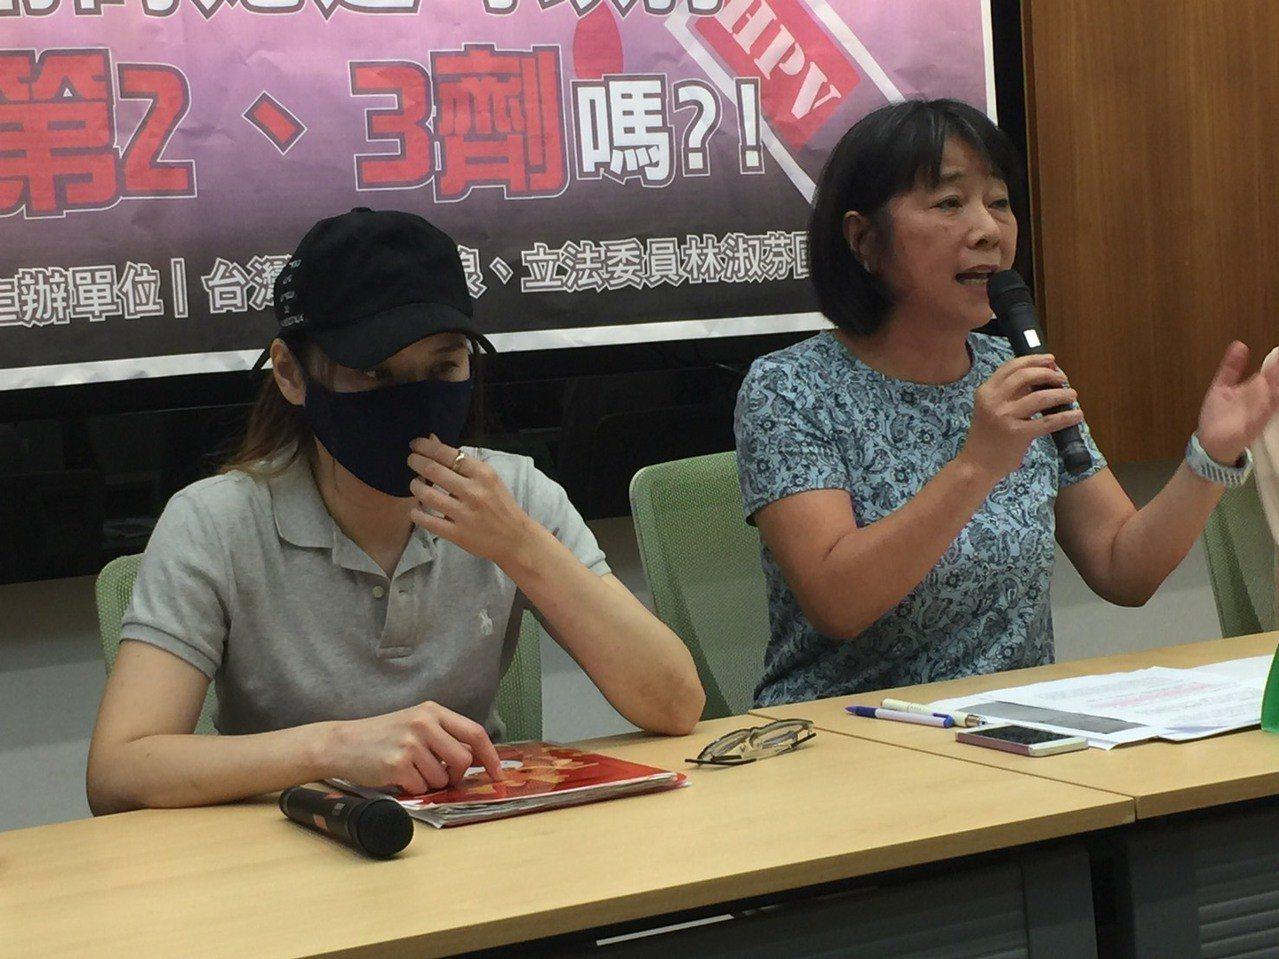 年約40歲的陳姓女子(左)疑似施打9價子宮頸疫苗後,出現嚴重不良反應,由於她是在...